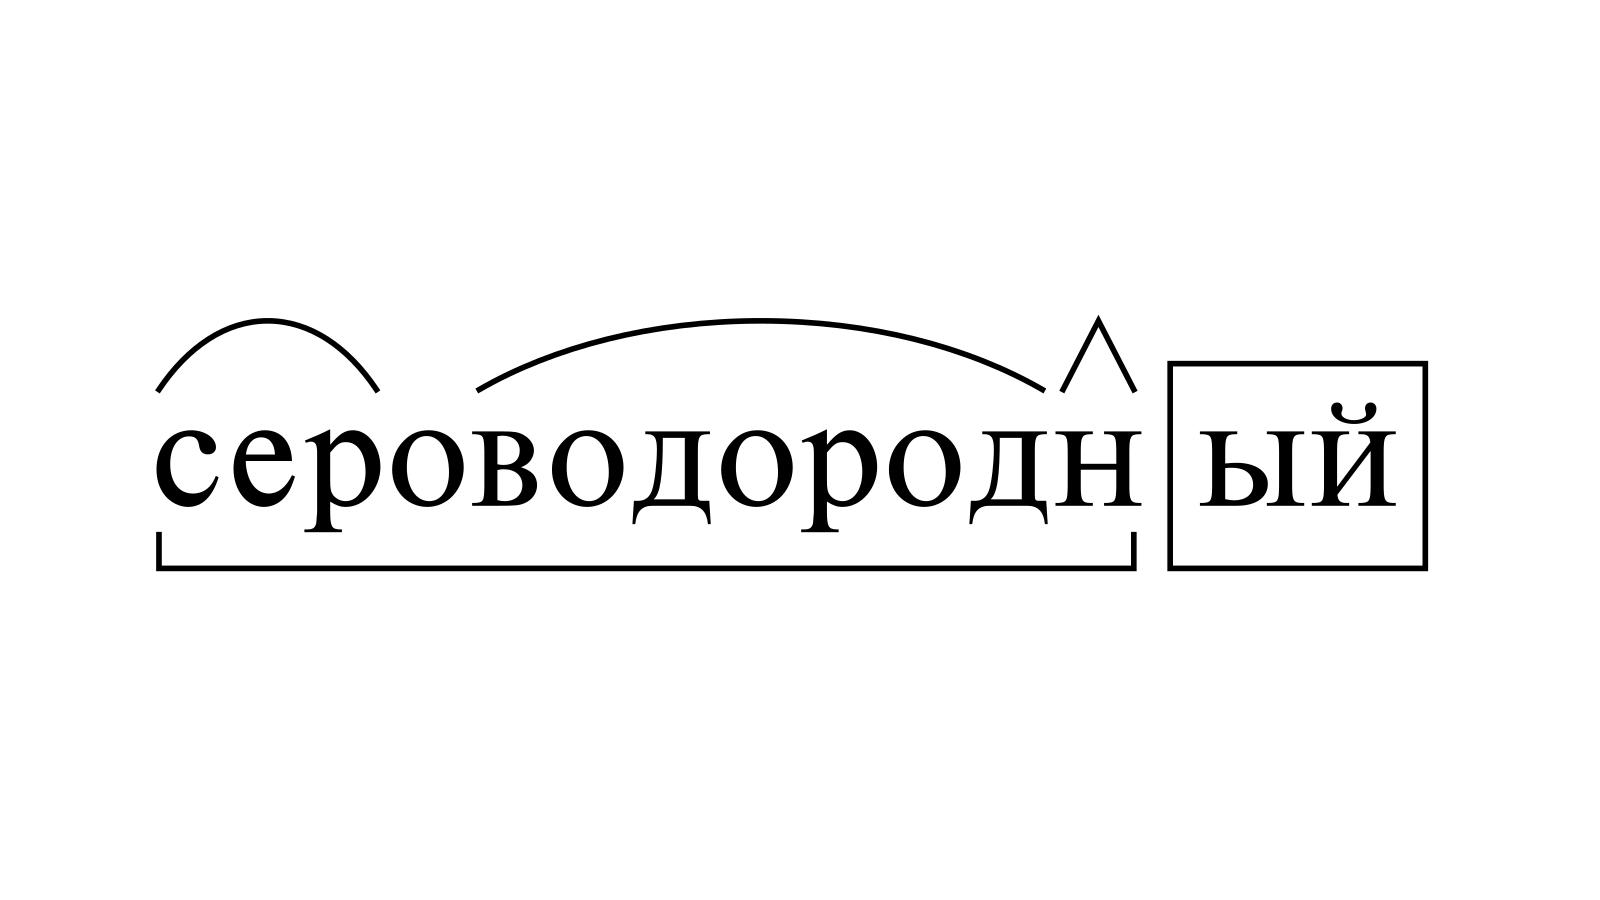 Разбор слова «сероводородный» по составу